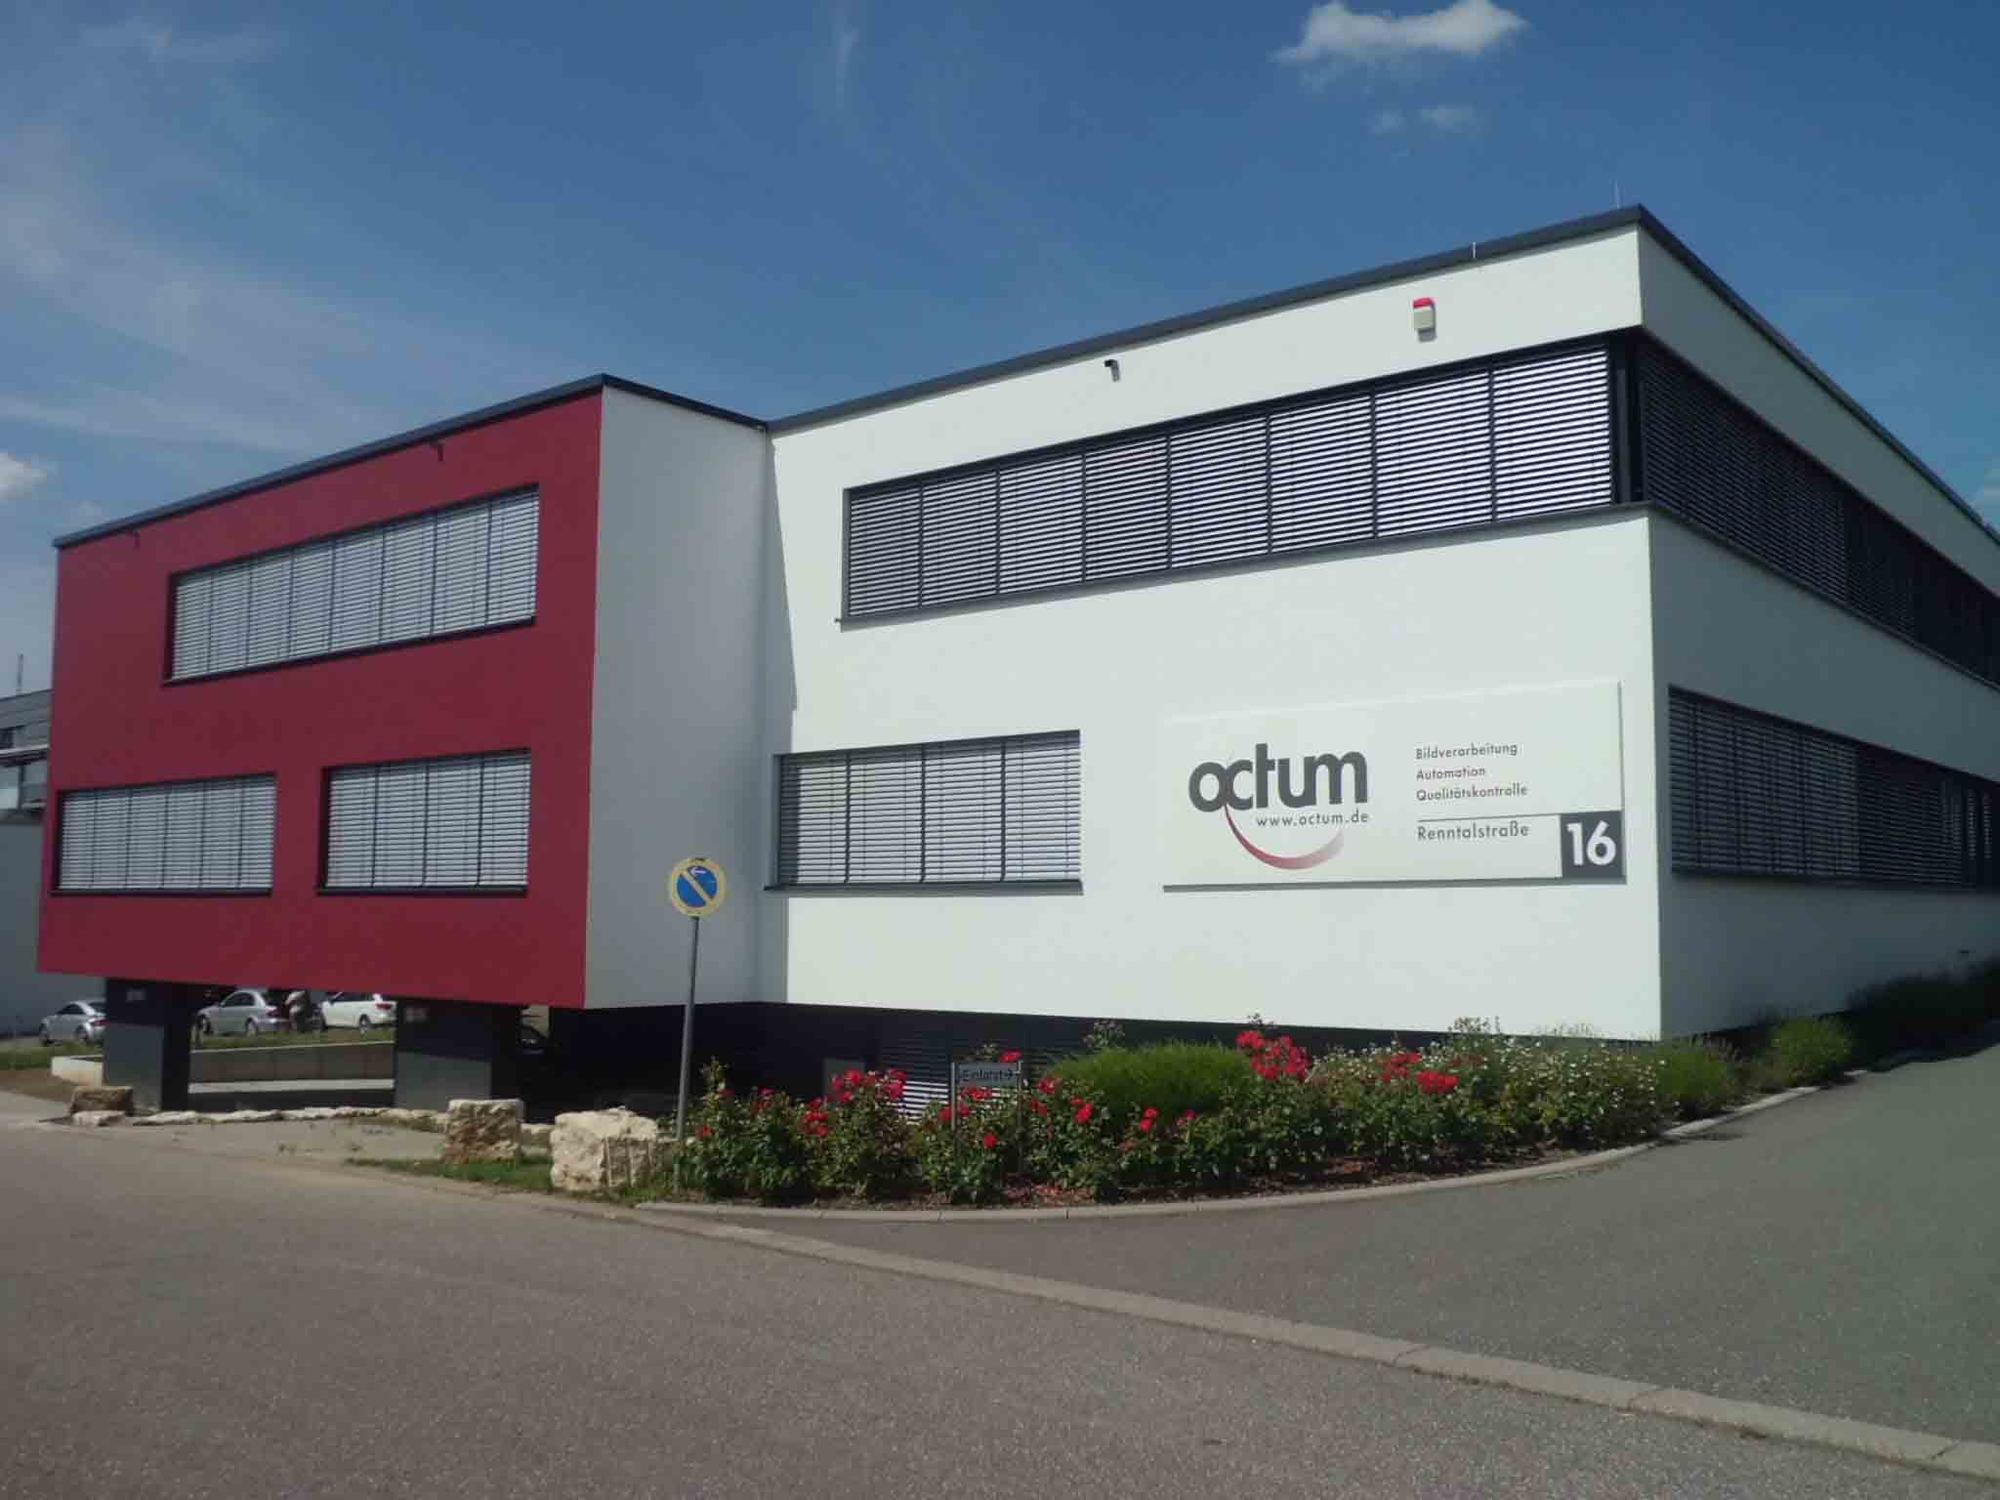 Octum company building